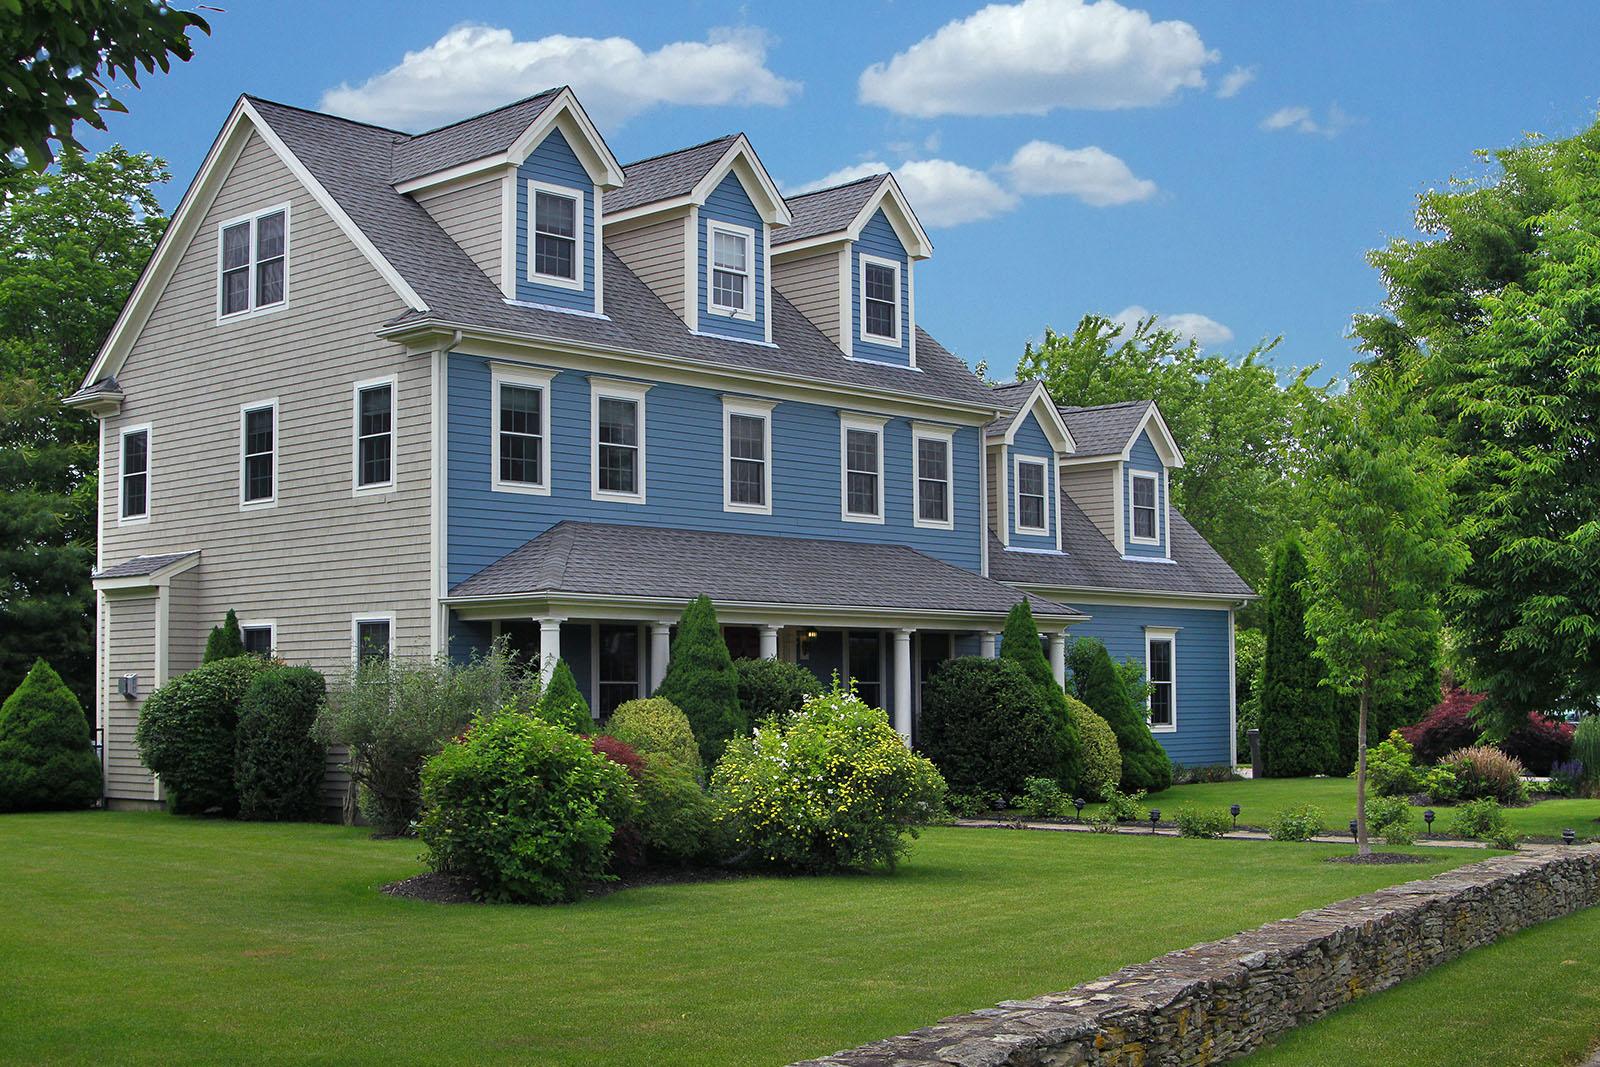 single family homes voor Verkoop op 216 Gossets Turn Drive, Middletown, Rhode Island 02842 Verenigde Staten